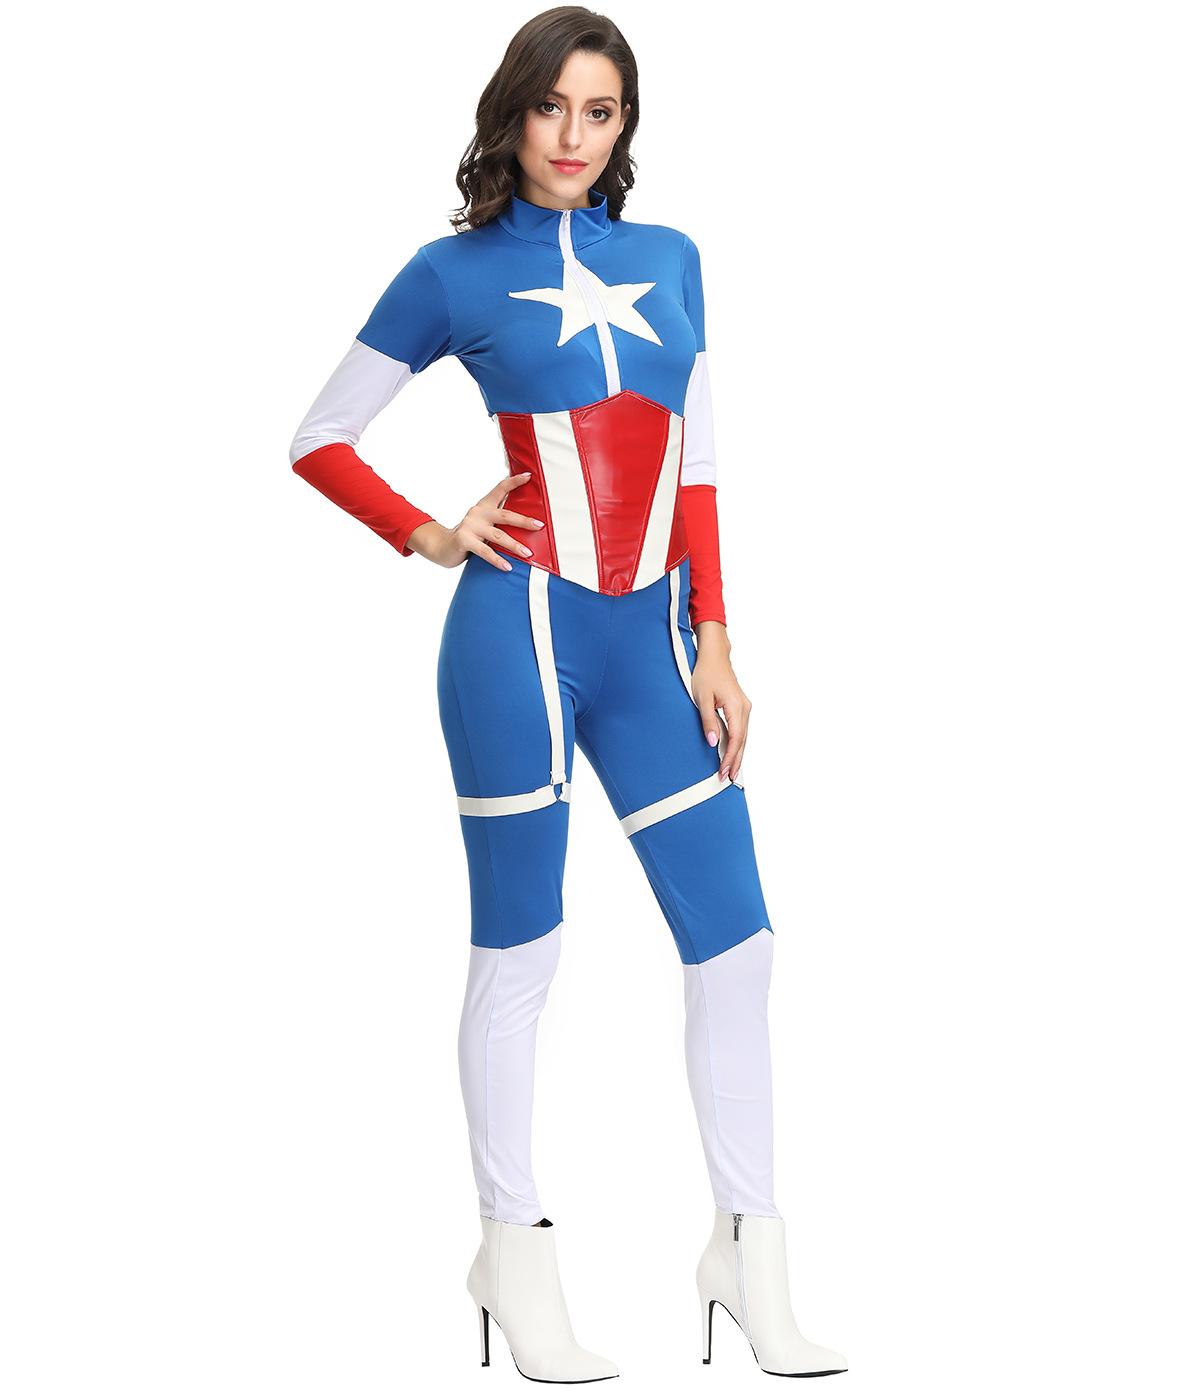 欧美电影美国队长成人连体装舞台演出服含腰封超人服装女酒吧ds服